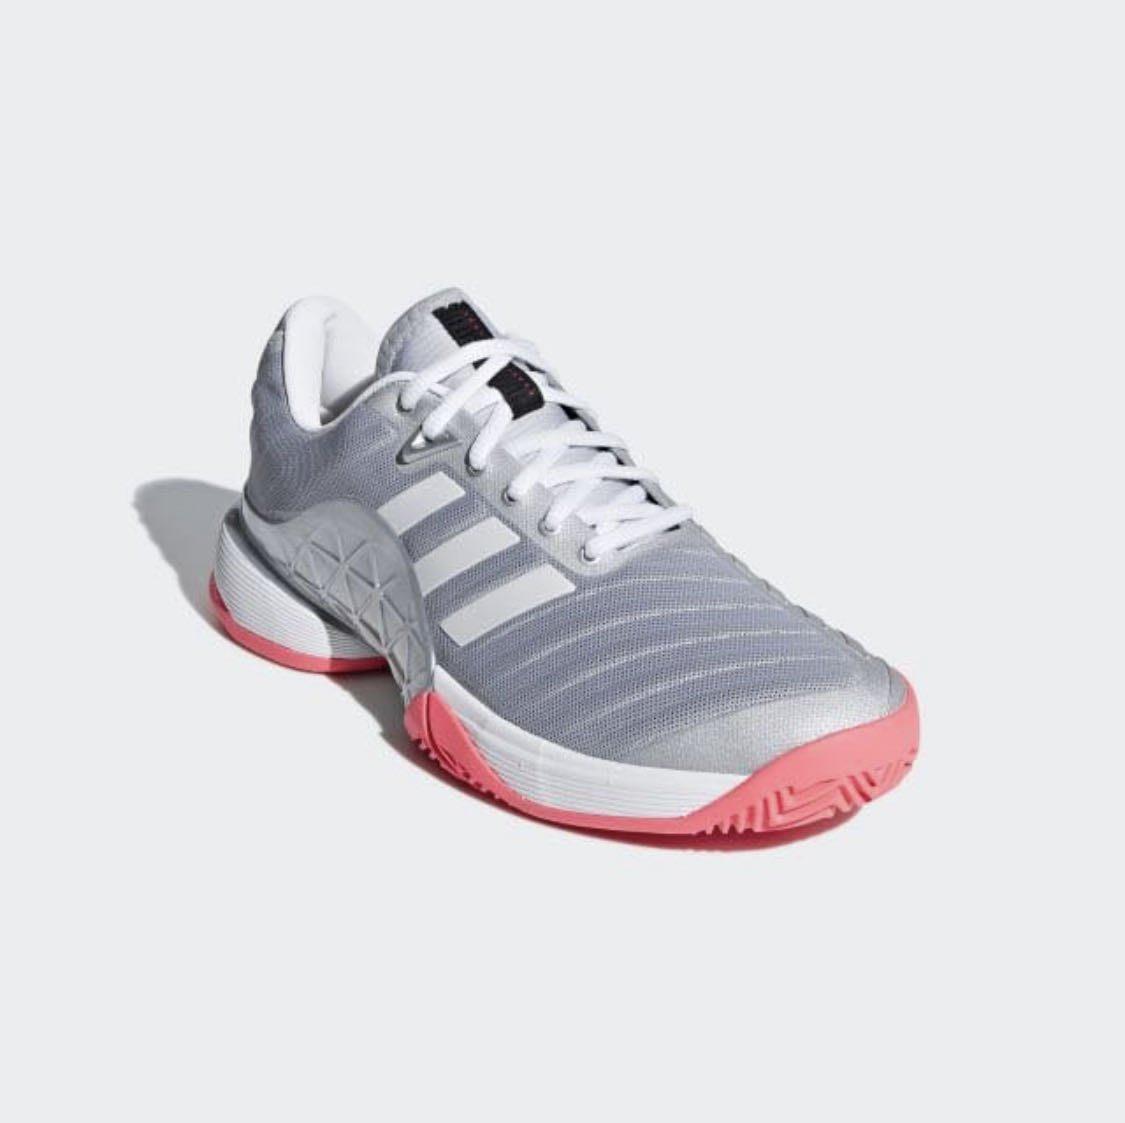 5折出清優惠 Adidas Barricade 女子 專業 高階網球鞋 選手款 澳網 美網